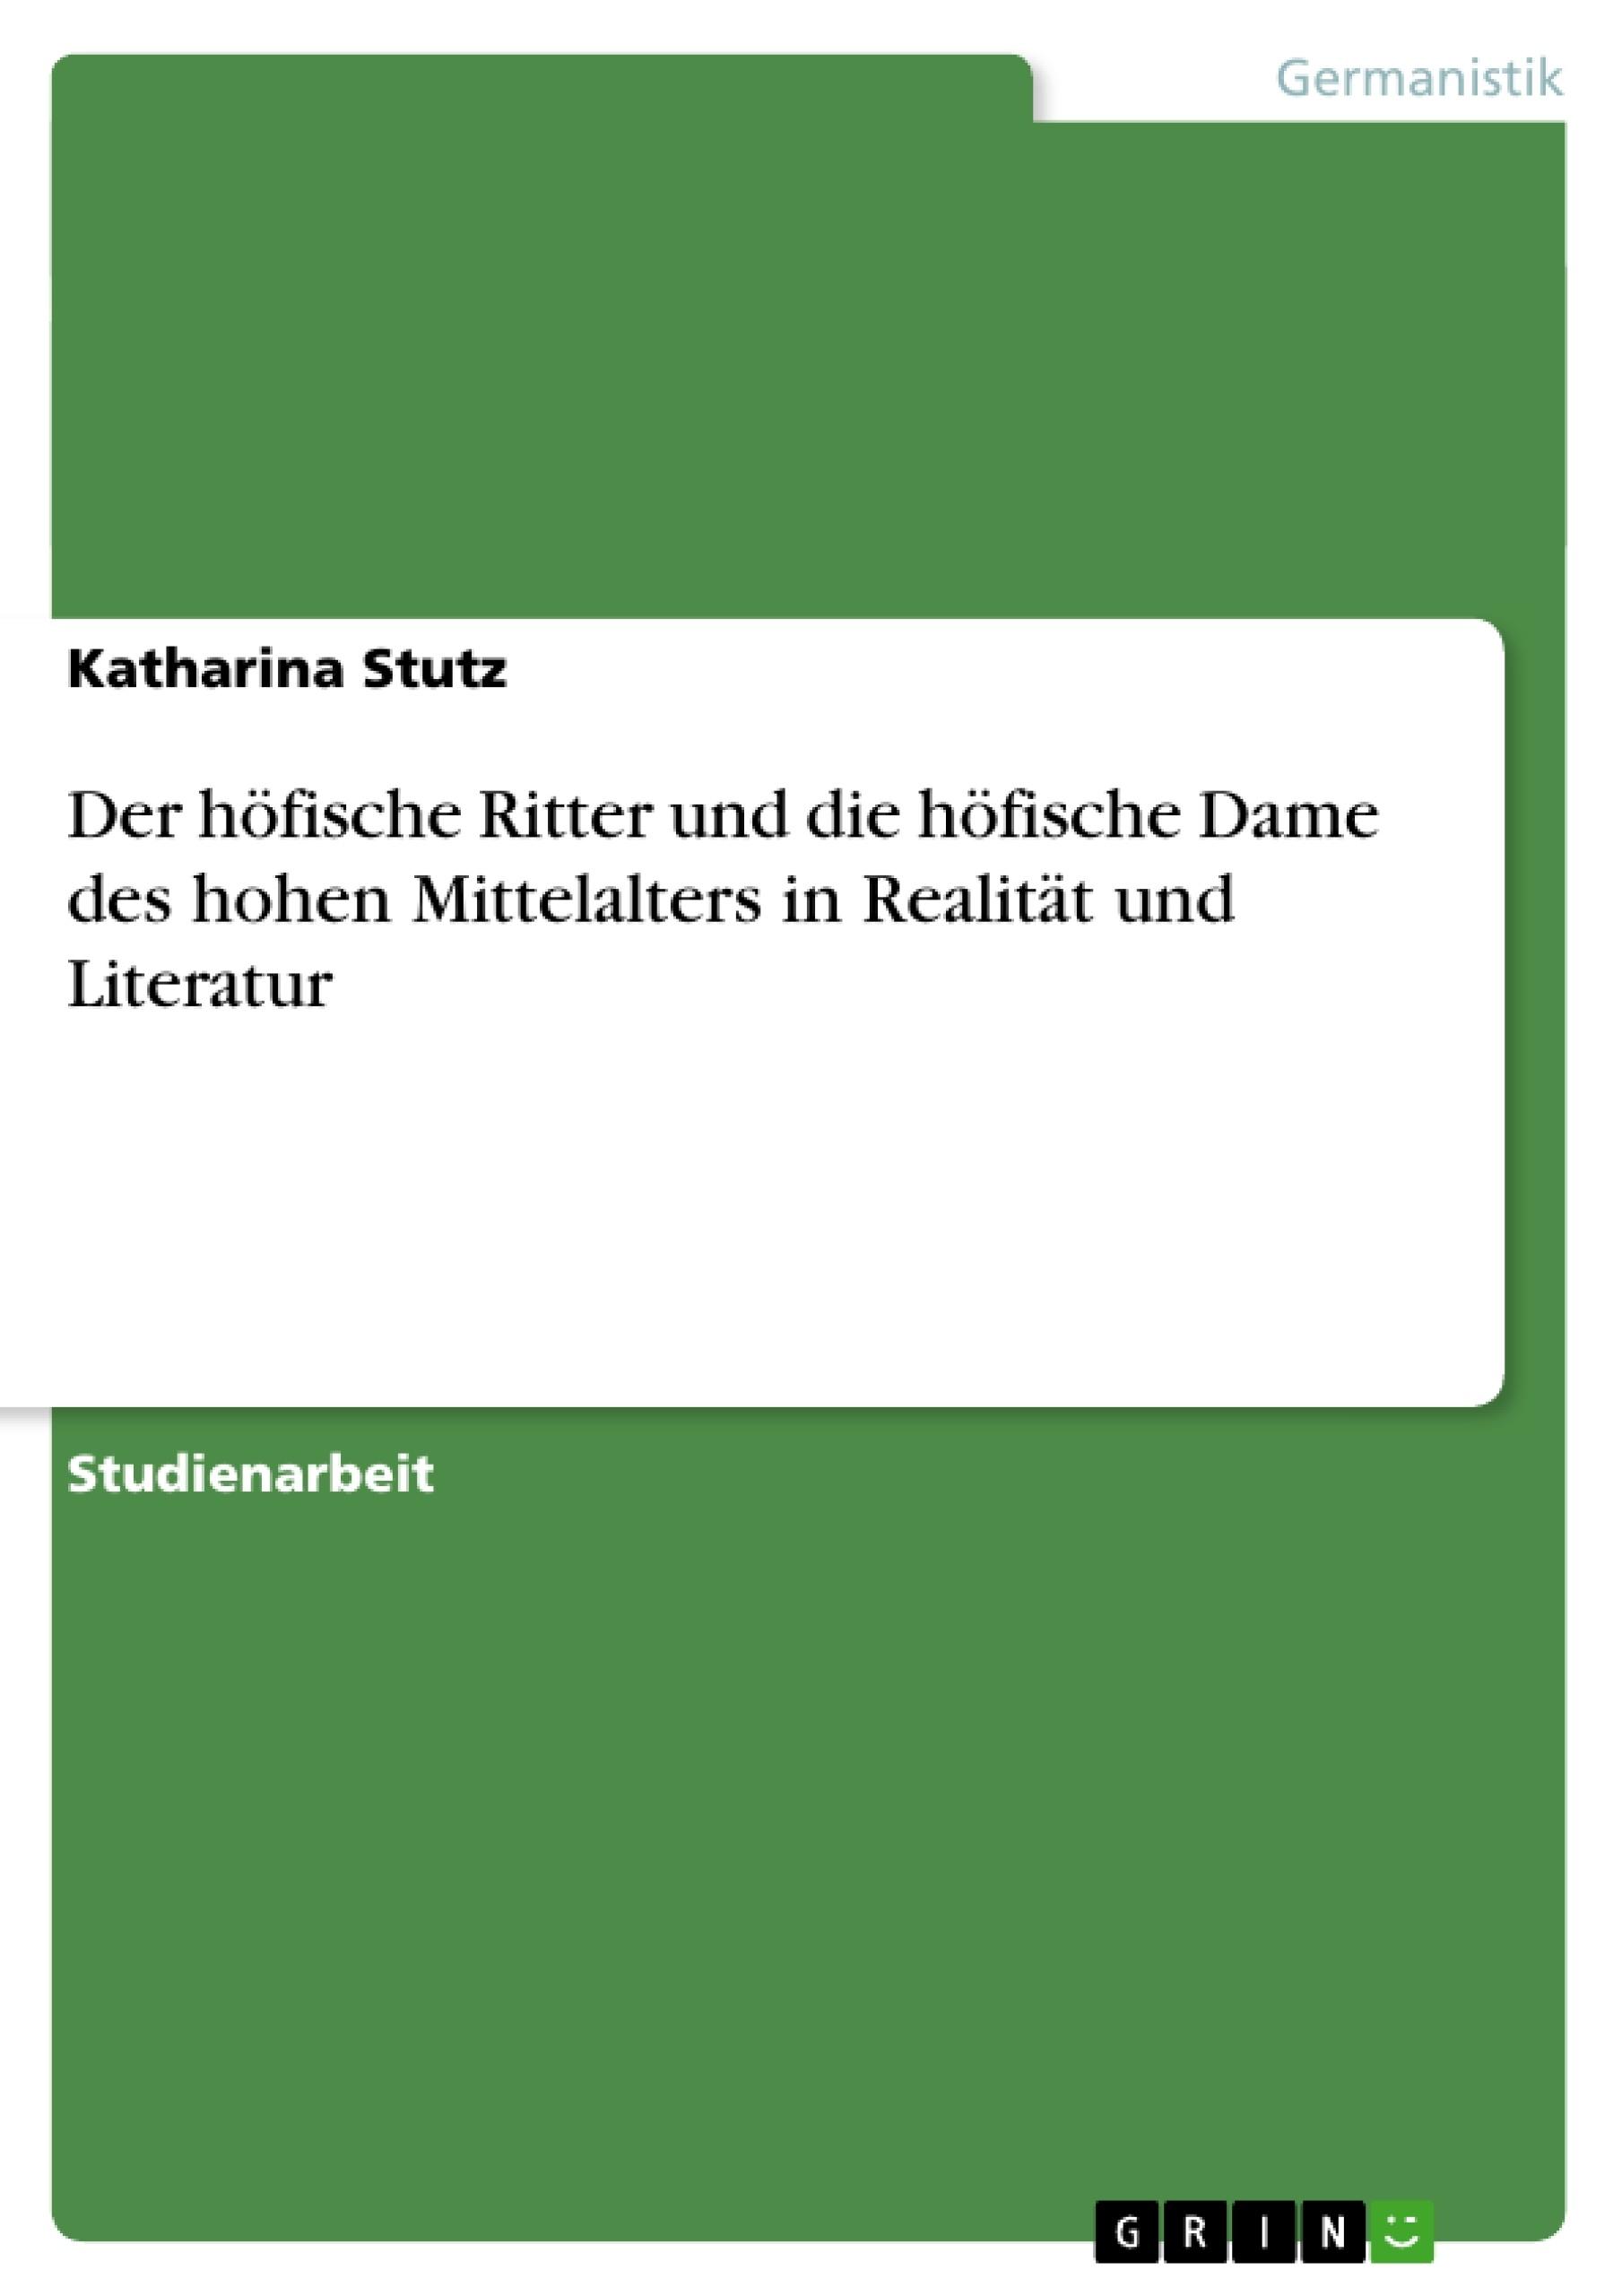 Titel: Der höfische Ritter und die höfische Dame des hohen Mittelalters in Realität und Literatur